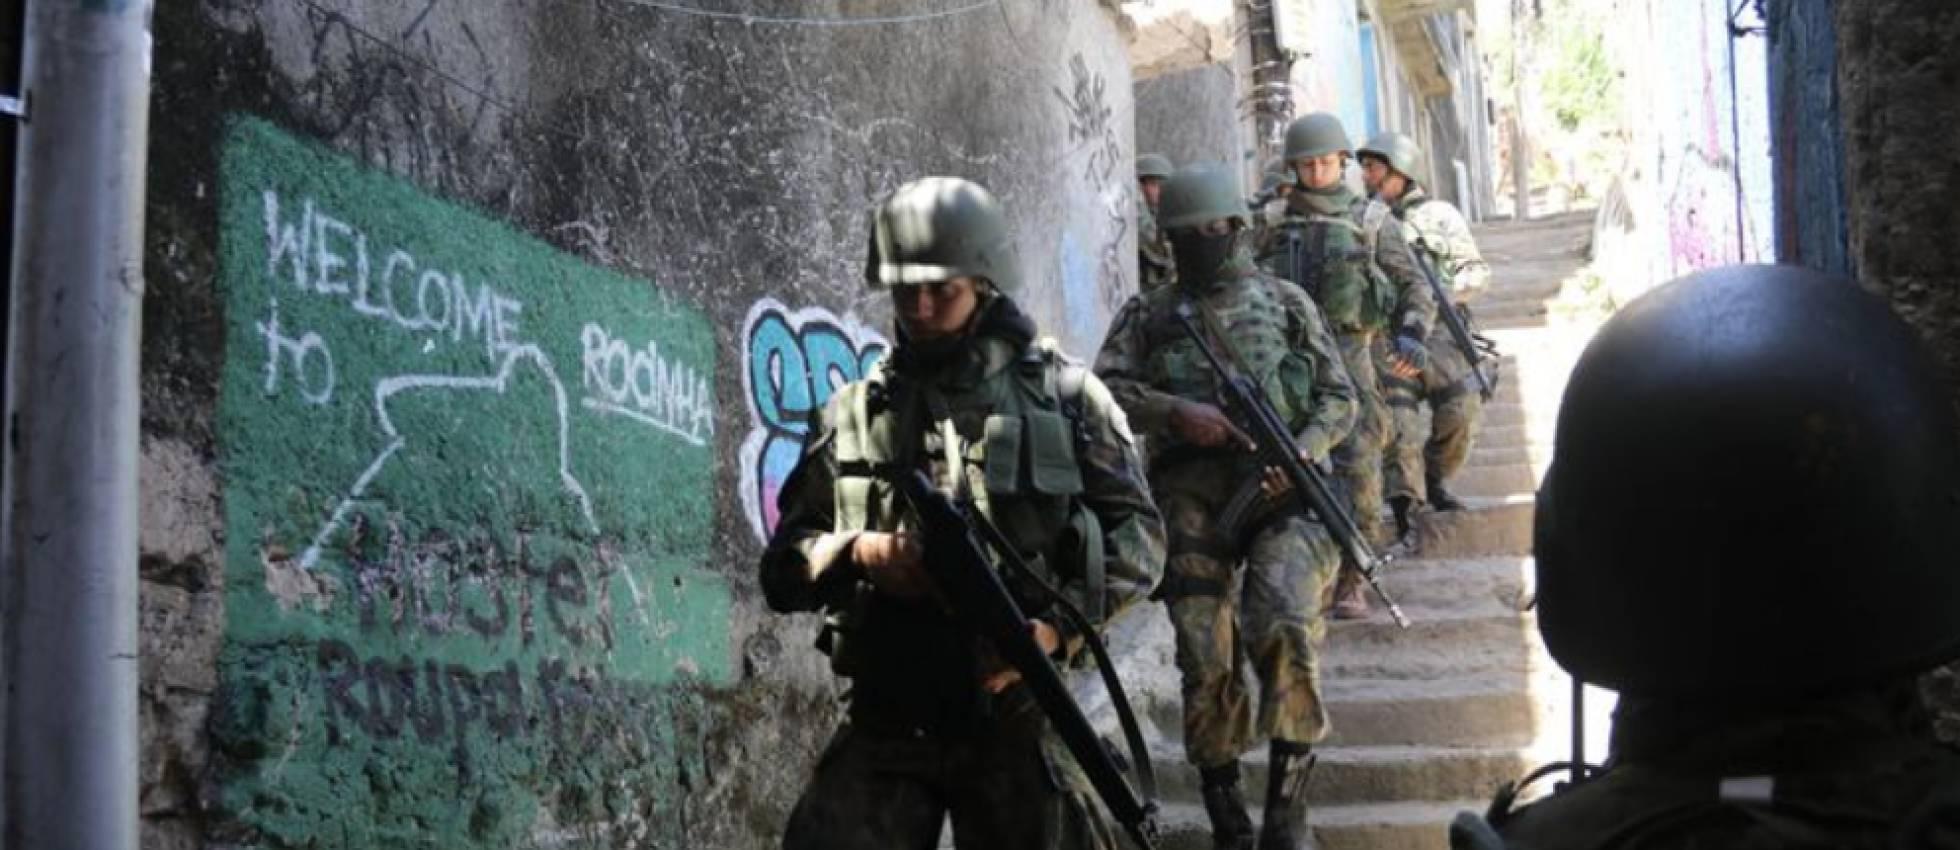 Intervenção federal no Rio, a nova cara das ações militares que fracassam há décadas.